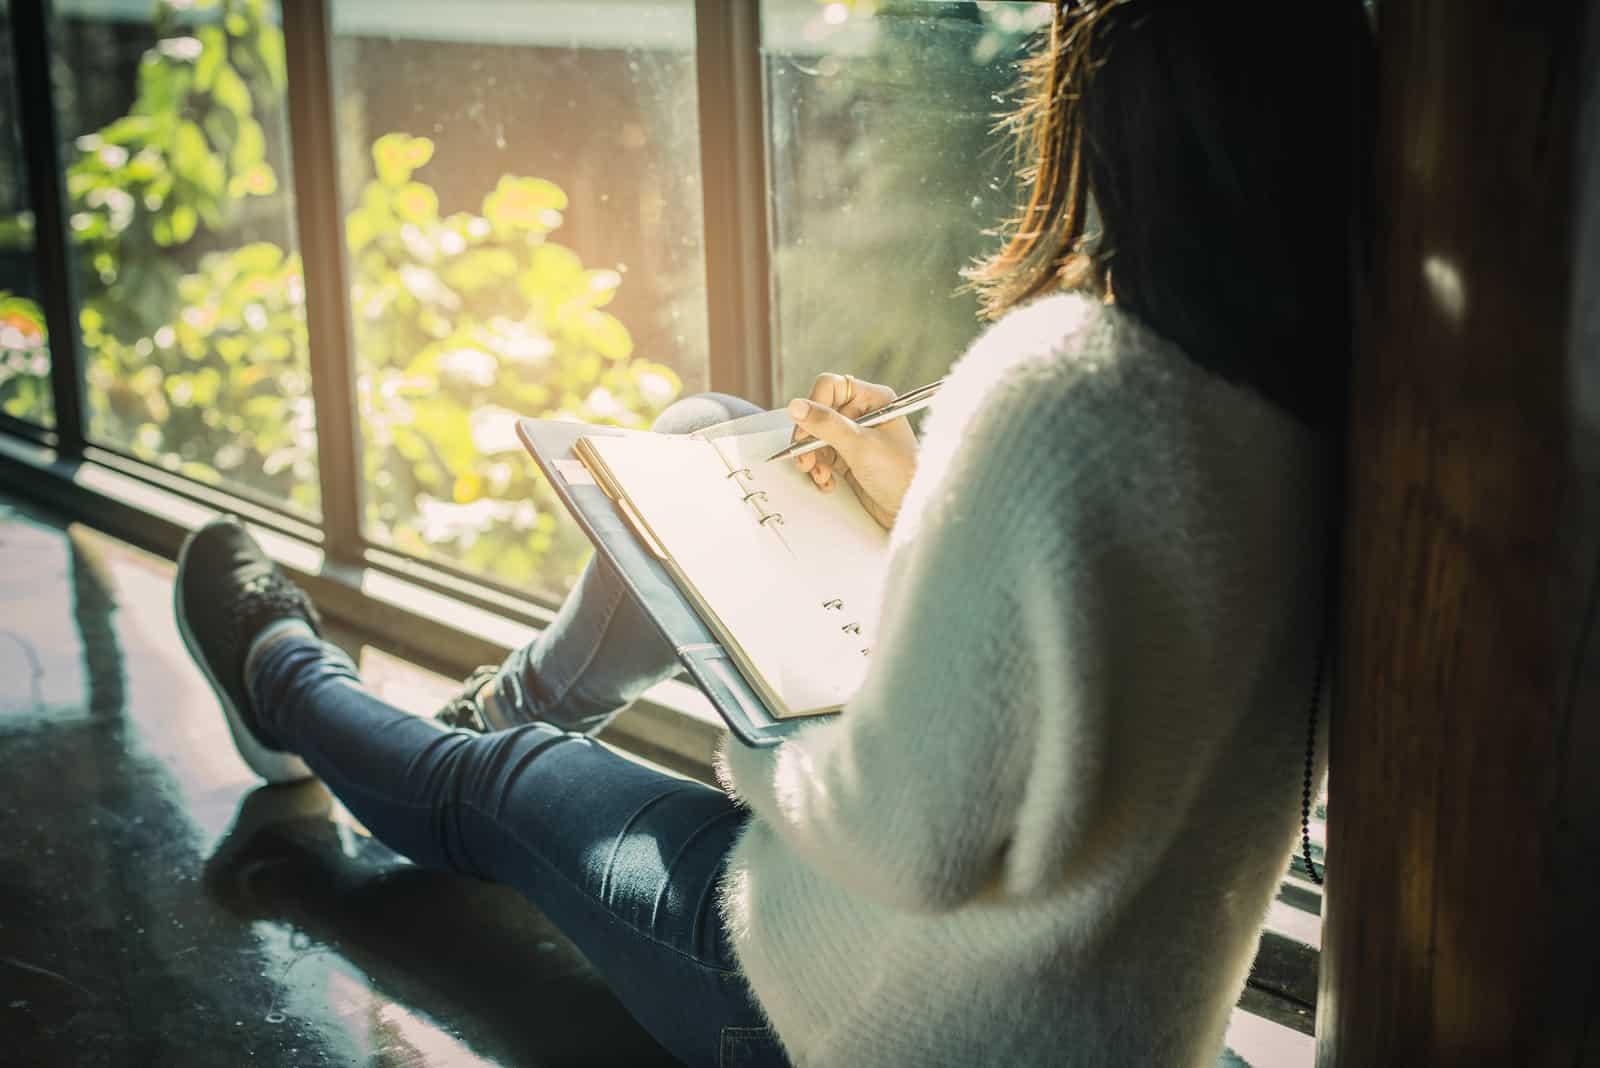 la femme est assise à côté de la fenêtre et écrit